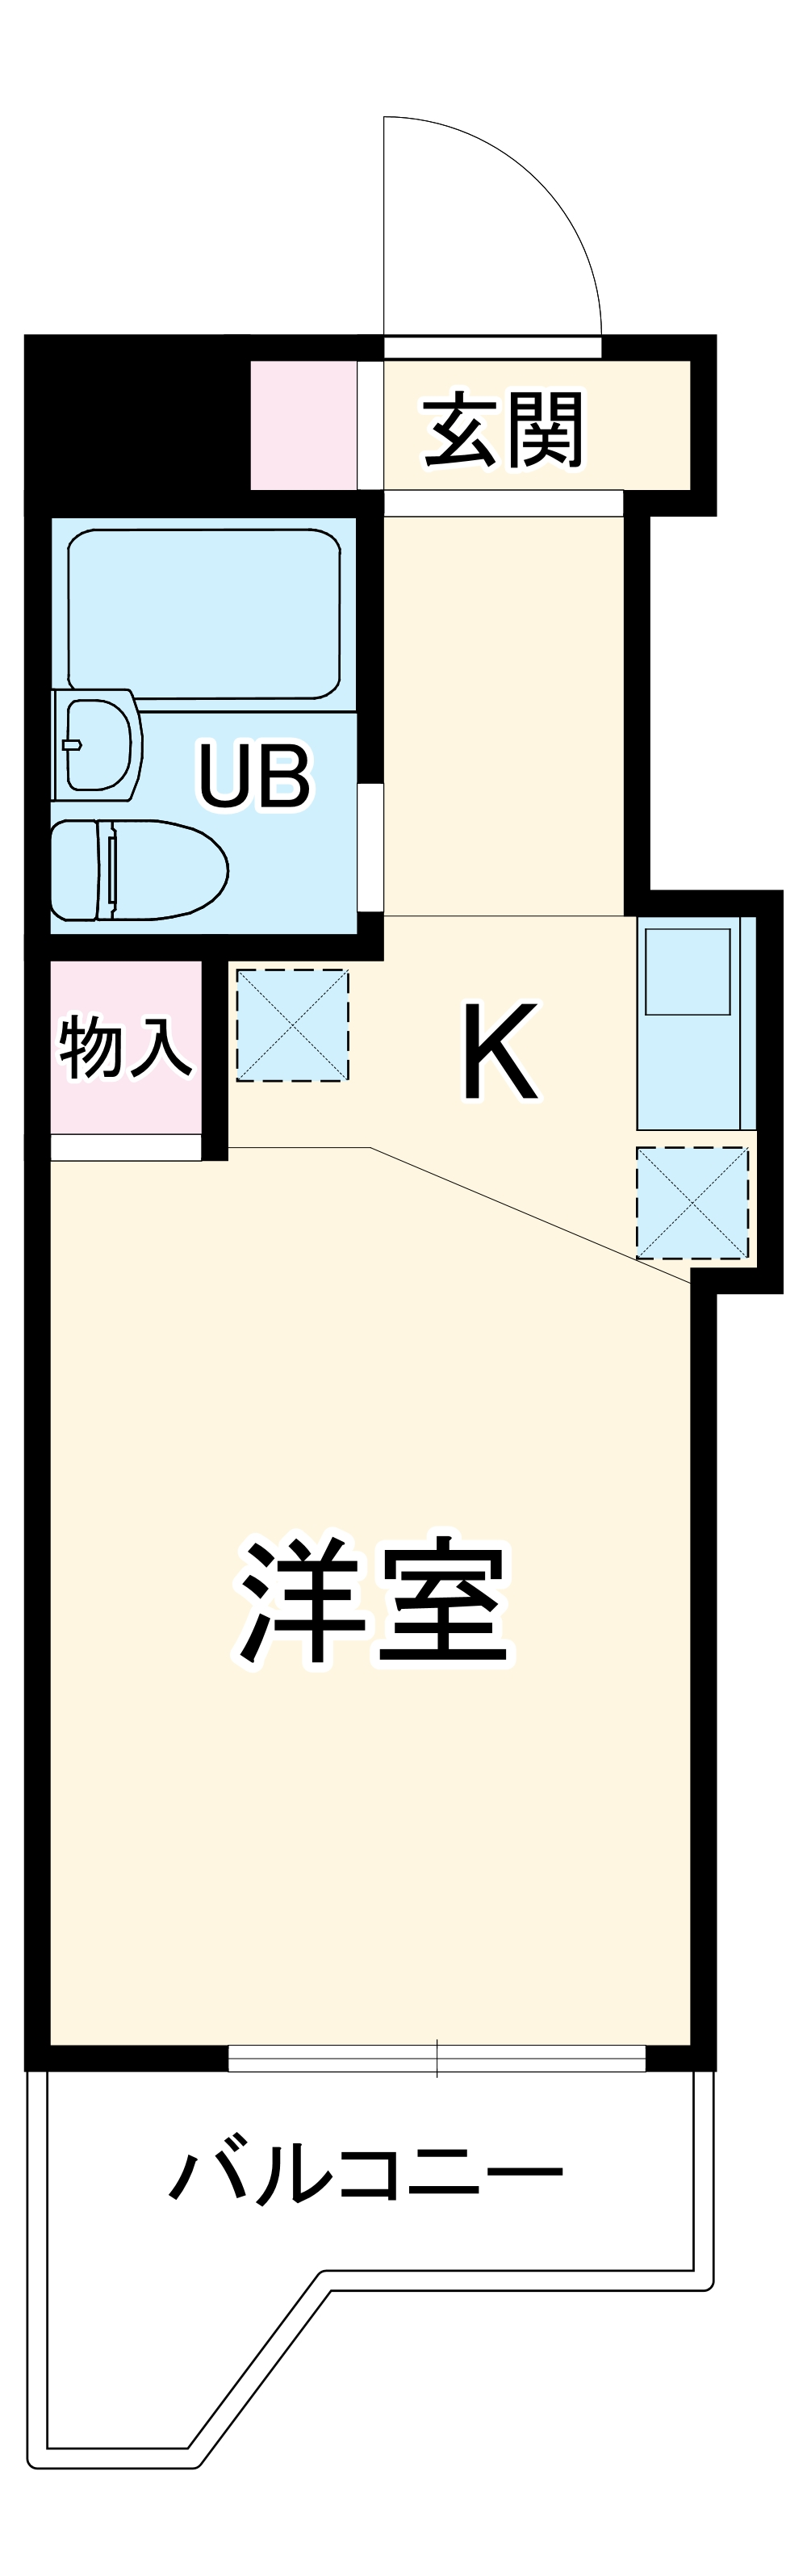 スカイコート綱島第2・514号室の間取り